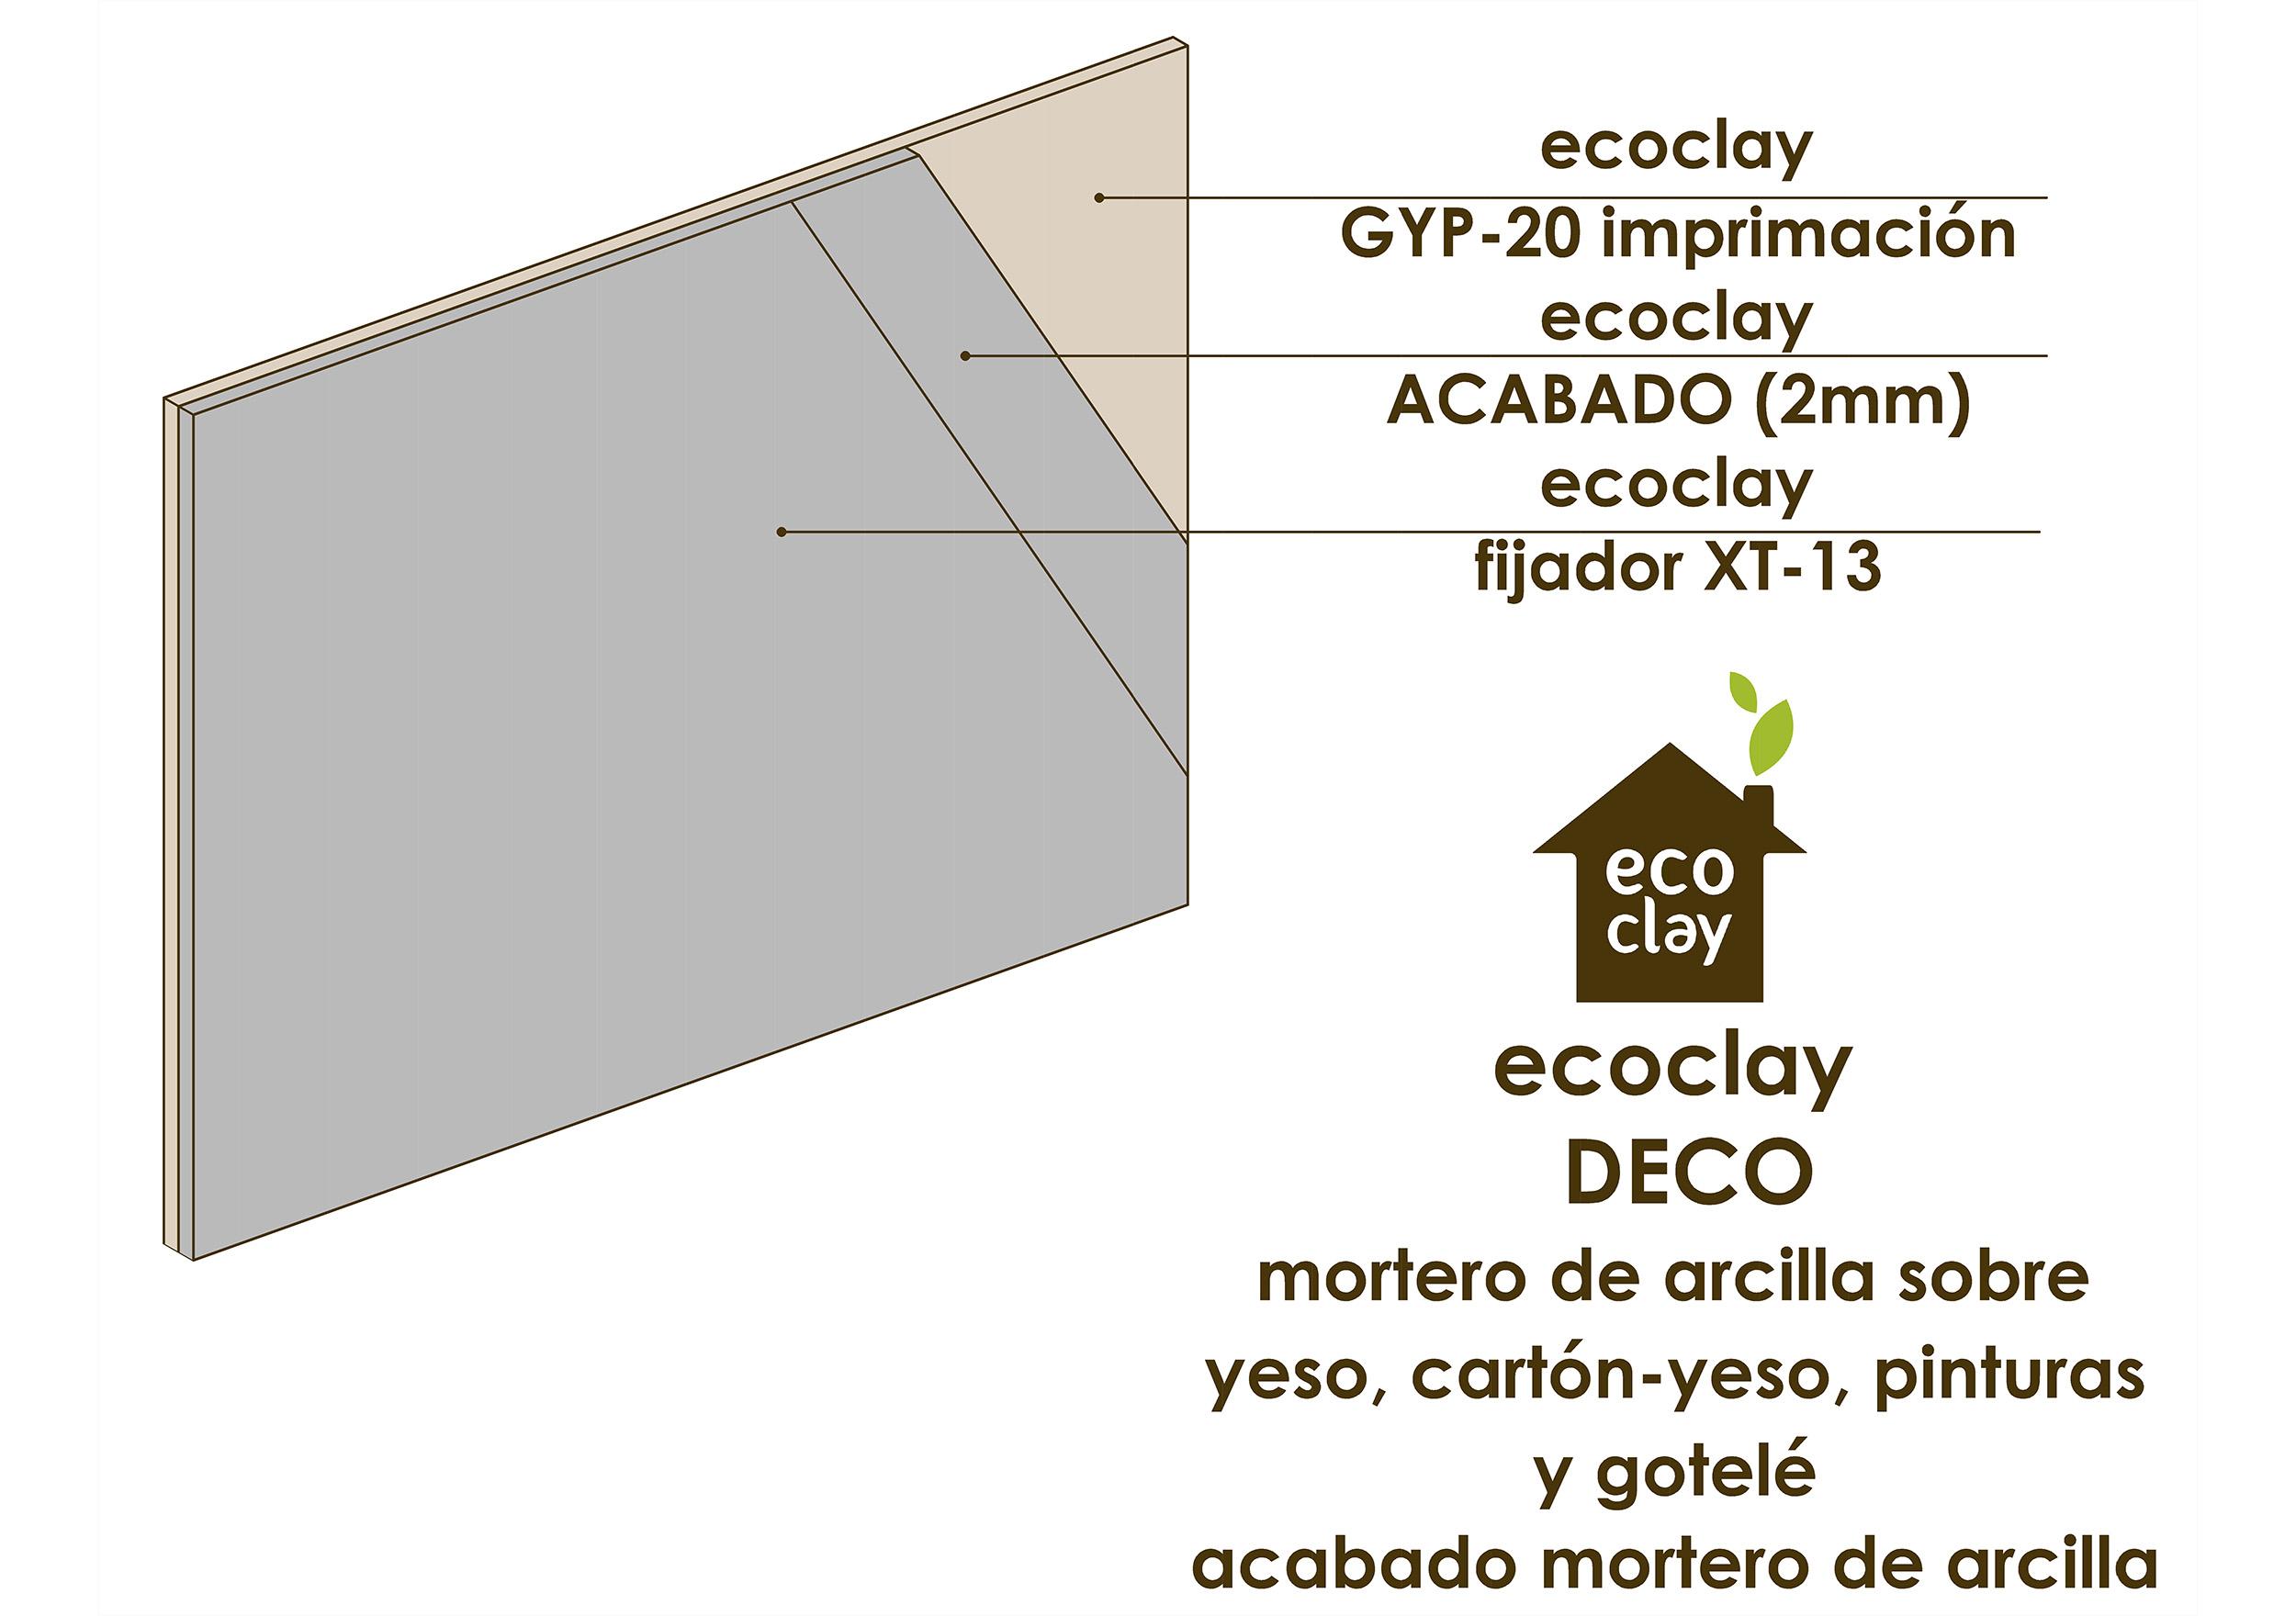 ecoclayDECO, acabado mortero de arcilla, ecoclay ACABADO